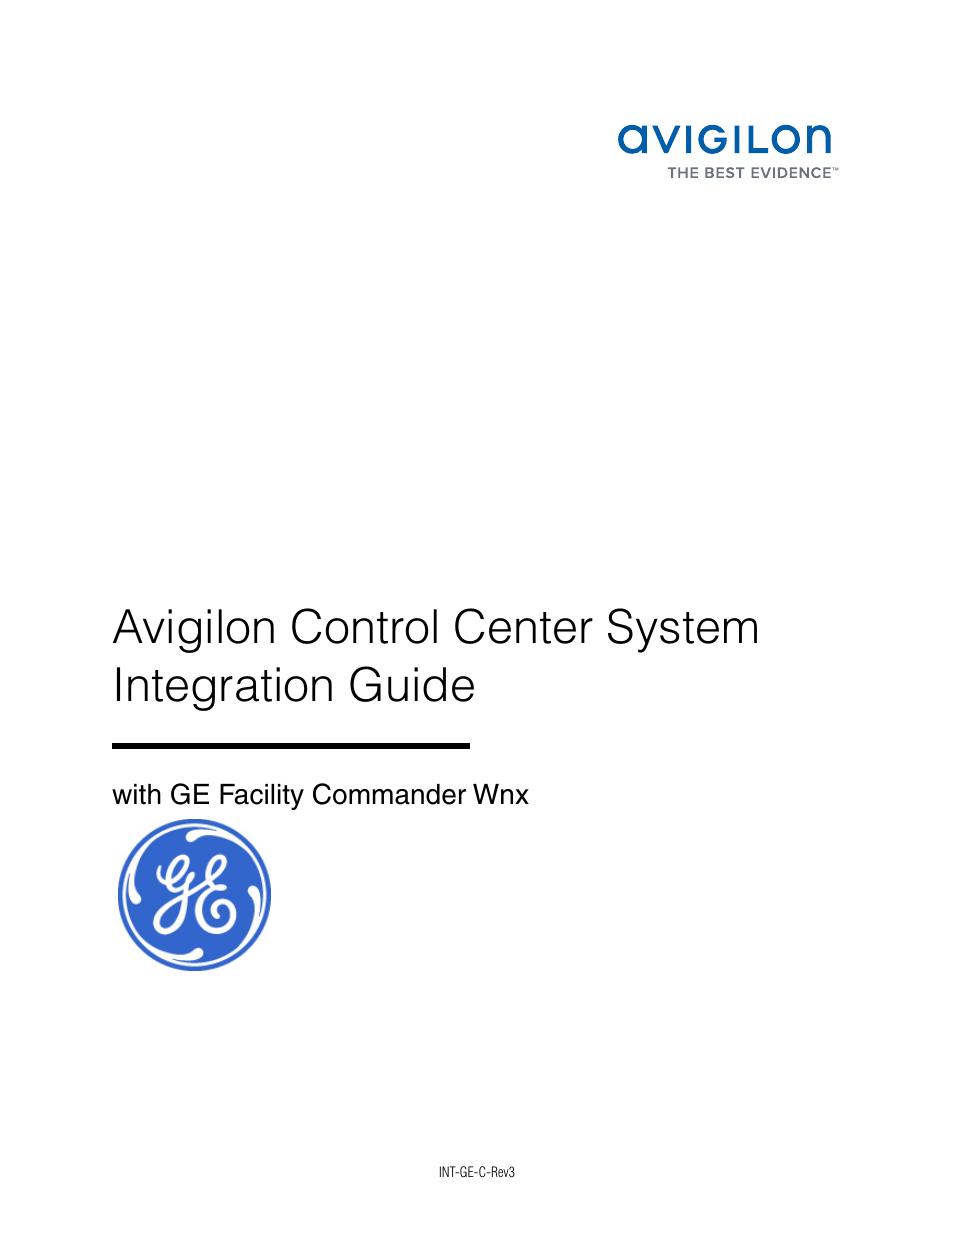 avigilon ge facility commander wnx integration user manual 13 pages rh manualsdir com facility commander wnx 7.7 user manual GE Facility Commander